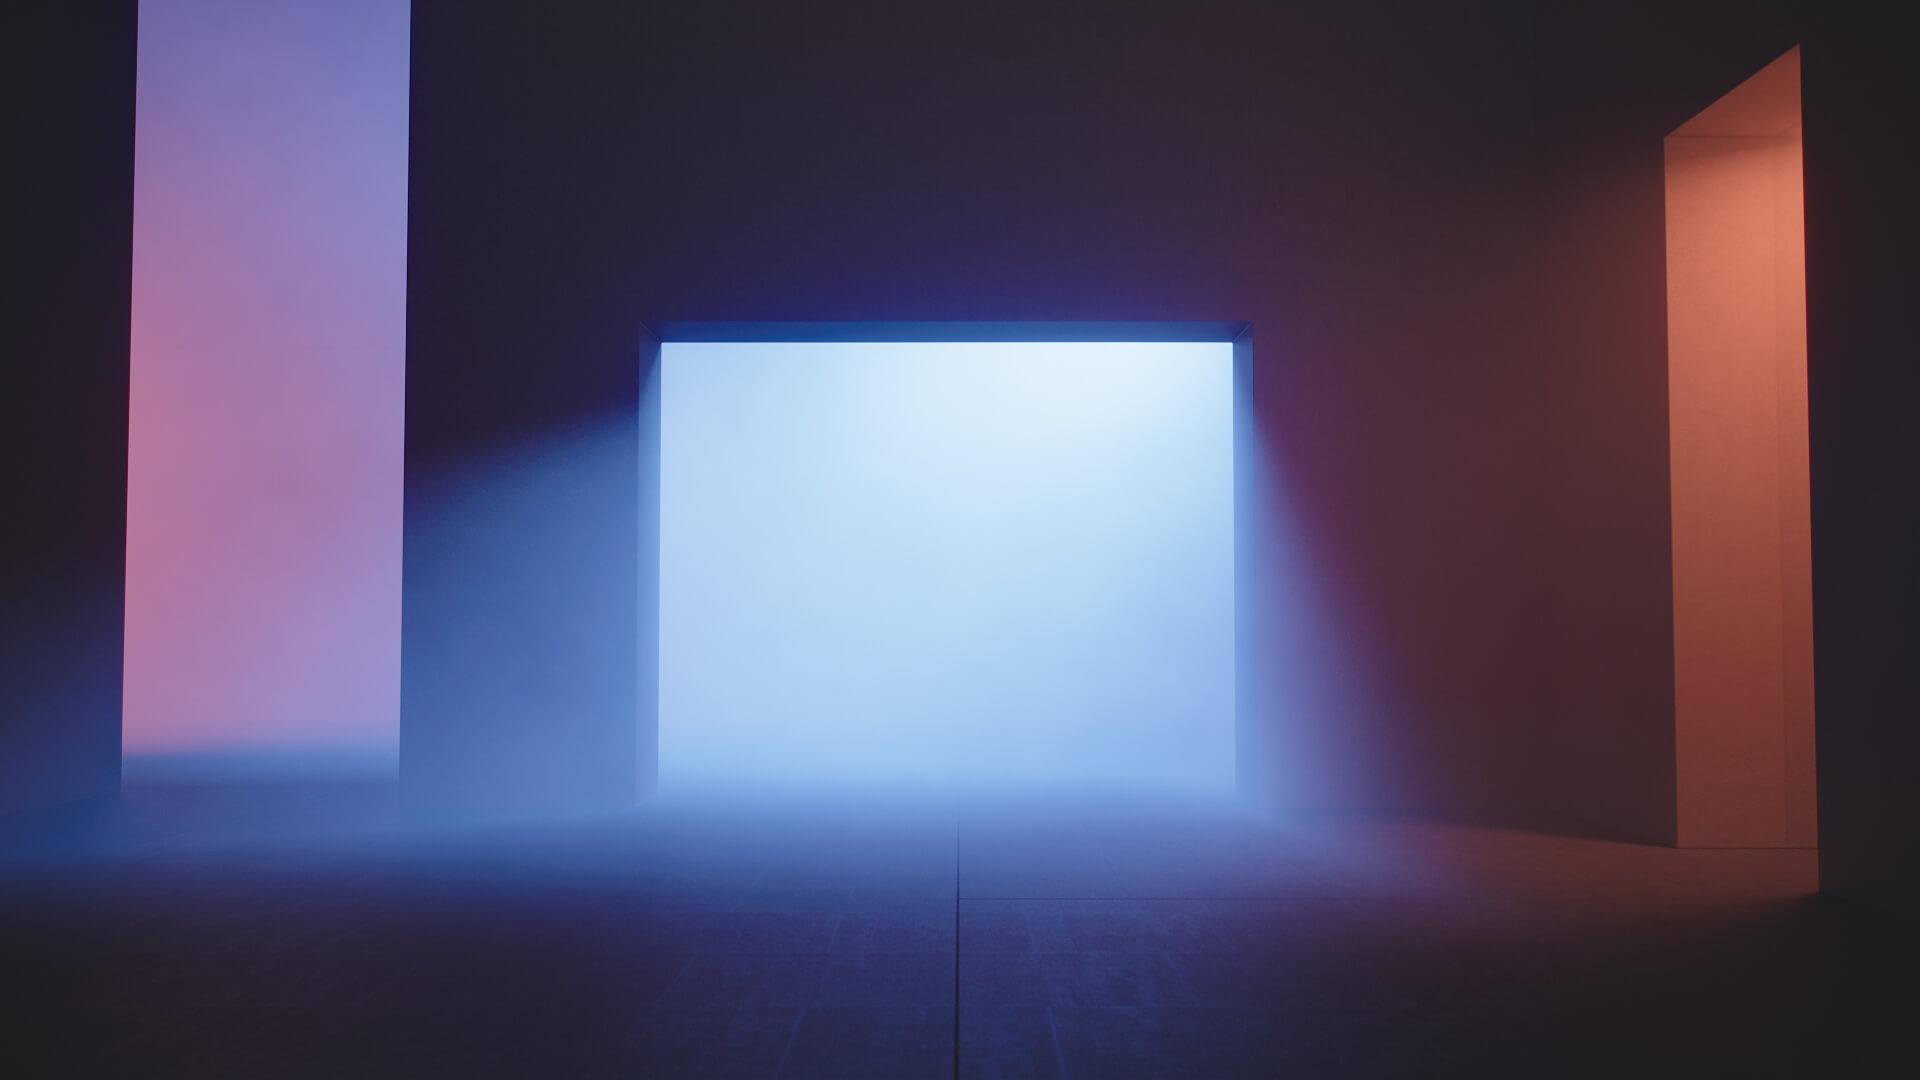 Blue Light 1920x1080 wallpaper